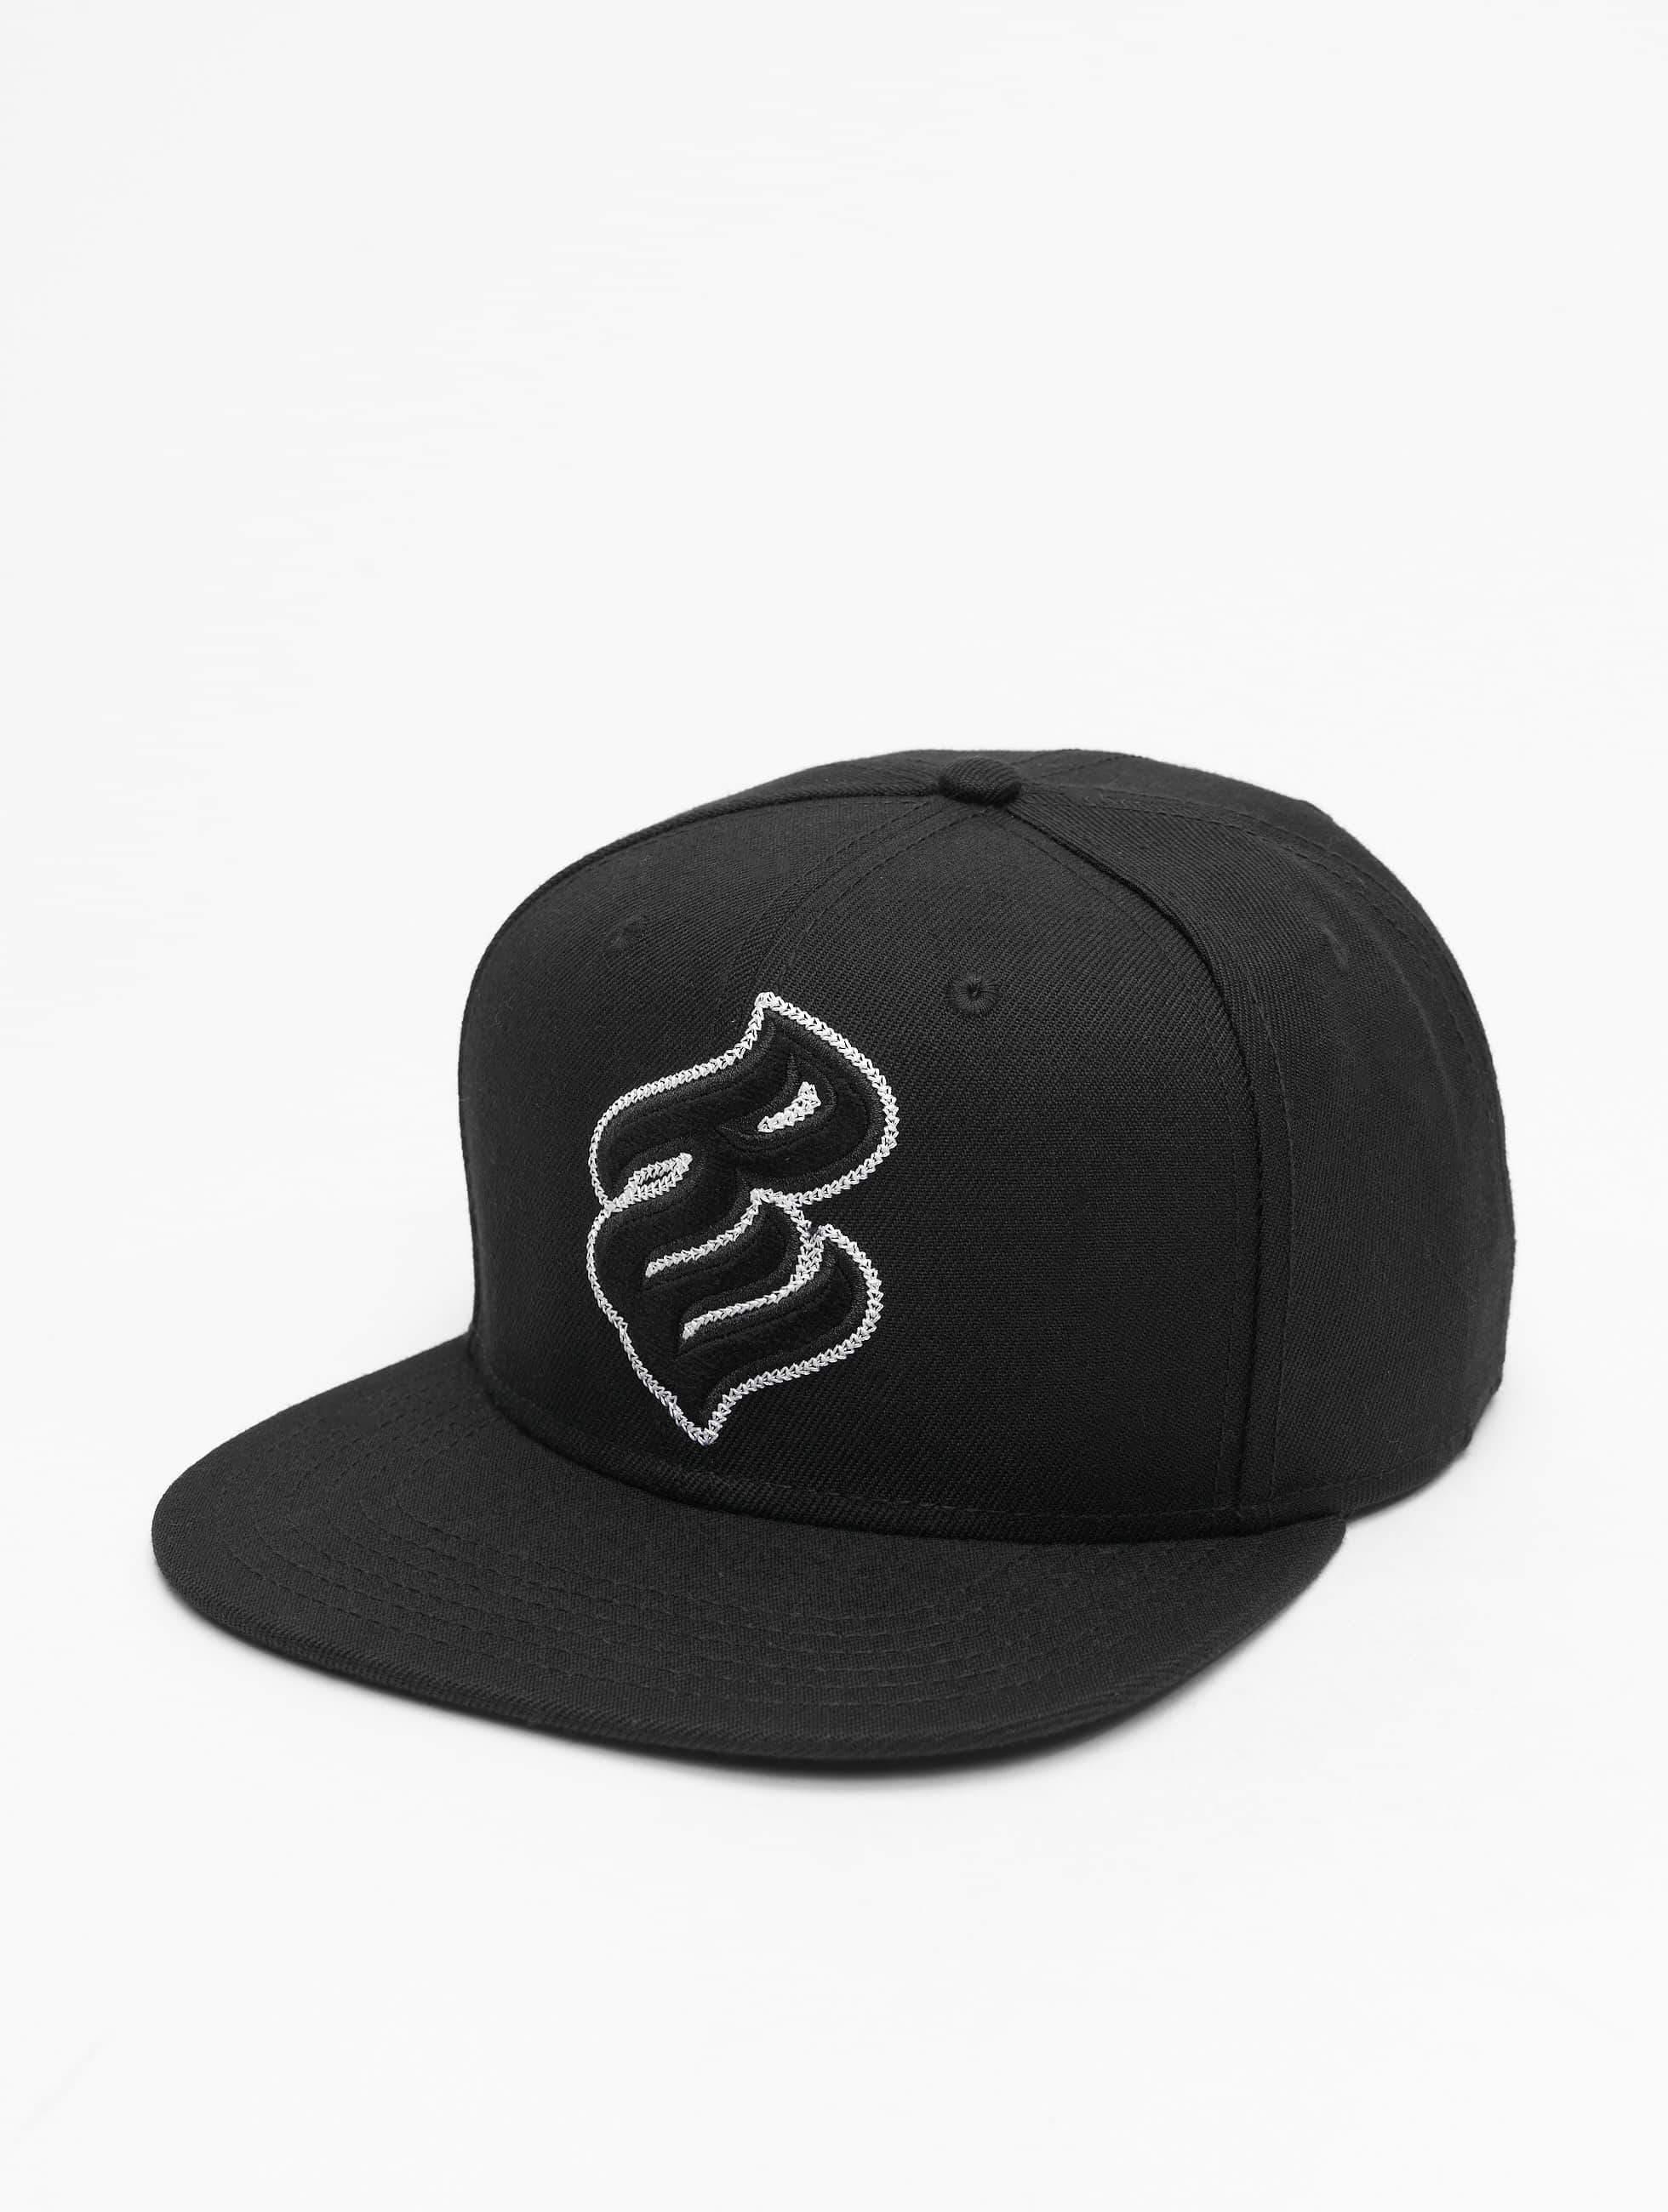 Rocawear / Snapback Cap Big Logo in black Adjustable